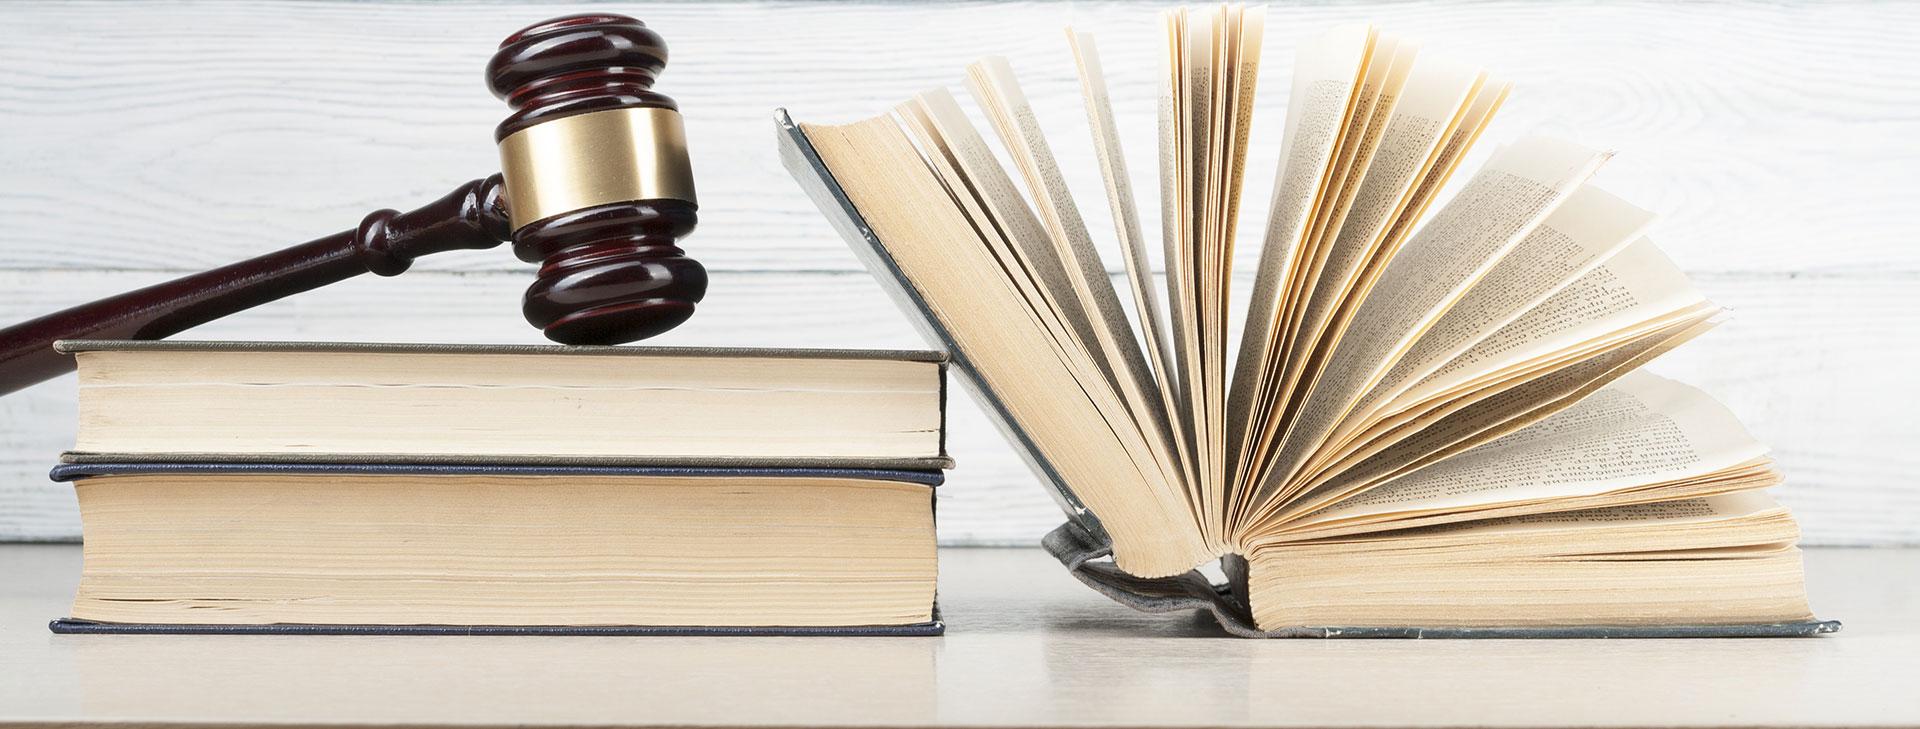 Justice-servicejuridique